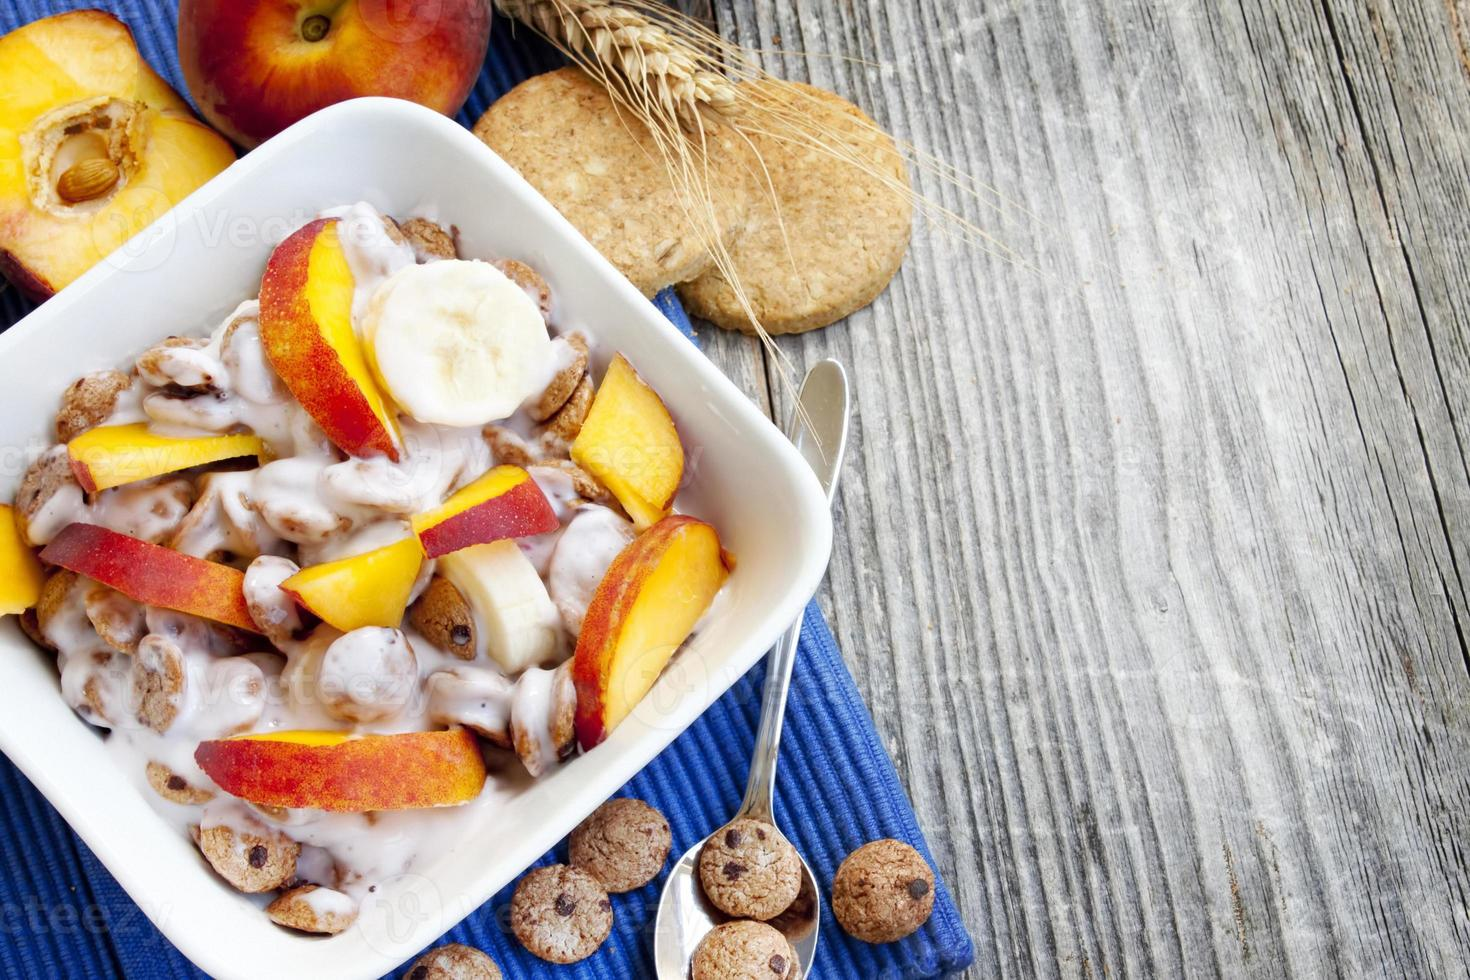 frukost med spannmål och yoghurt foto